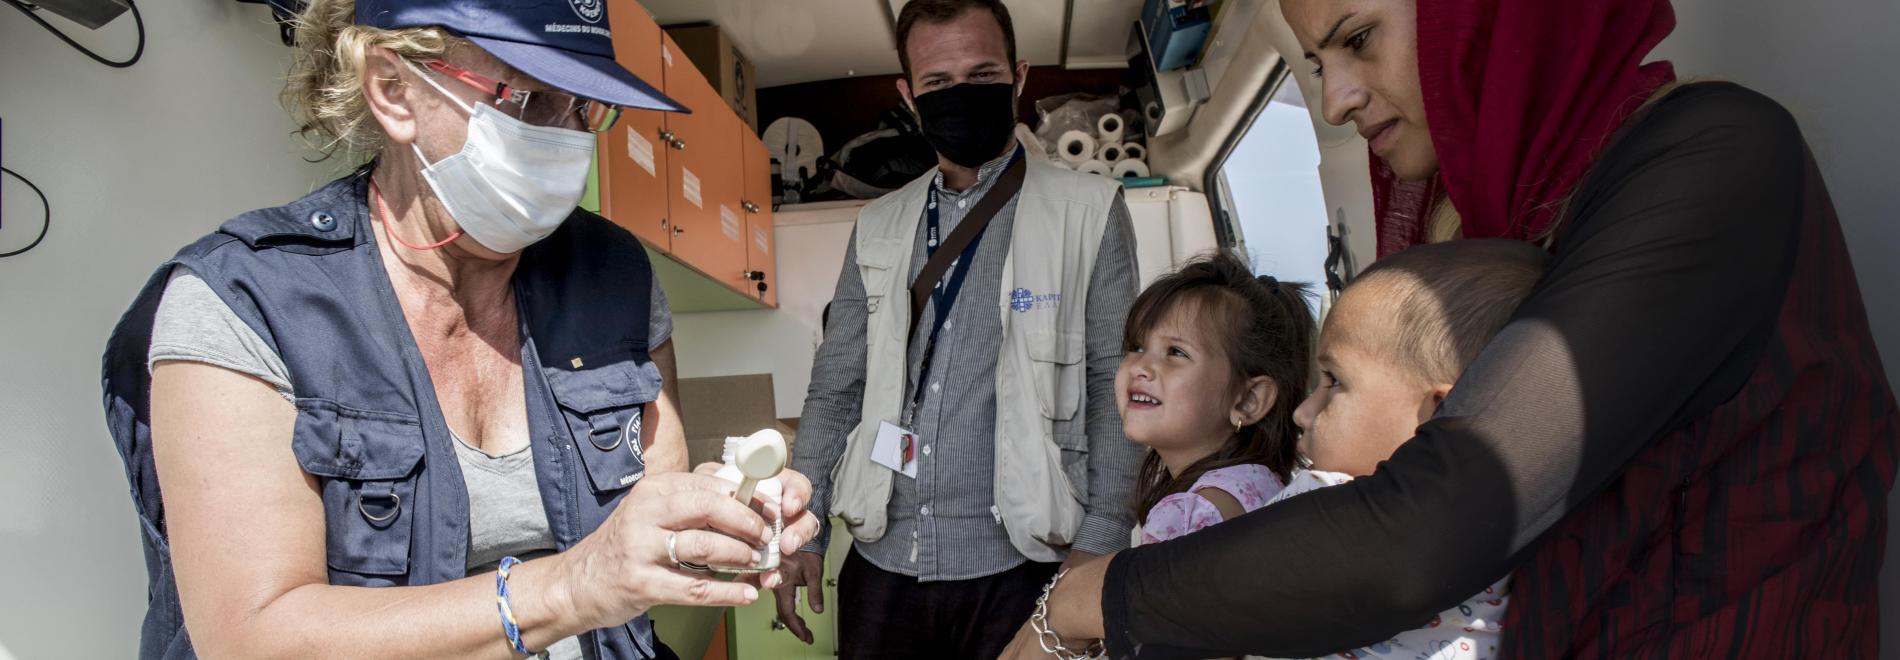 Medizinische Hilfe auf der griechischen Insel Lesbos.